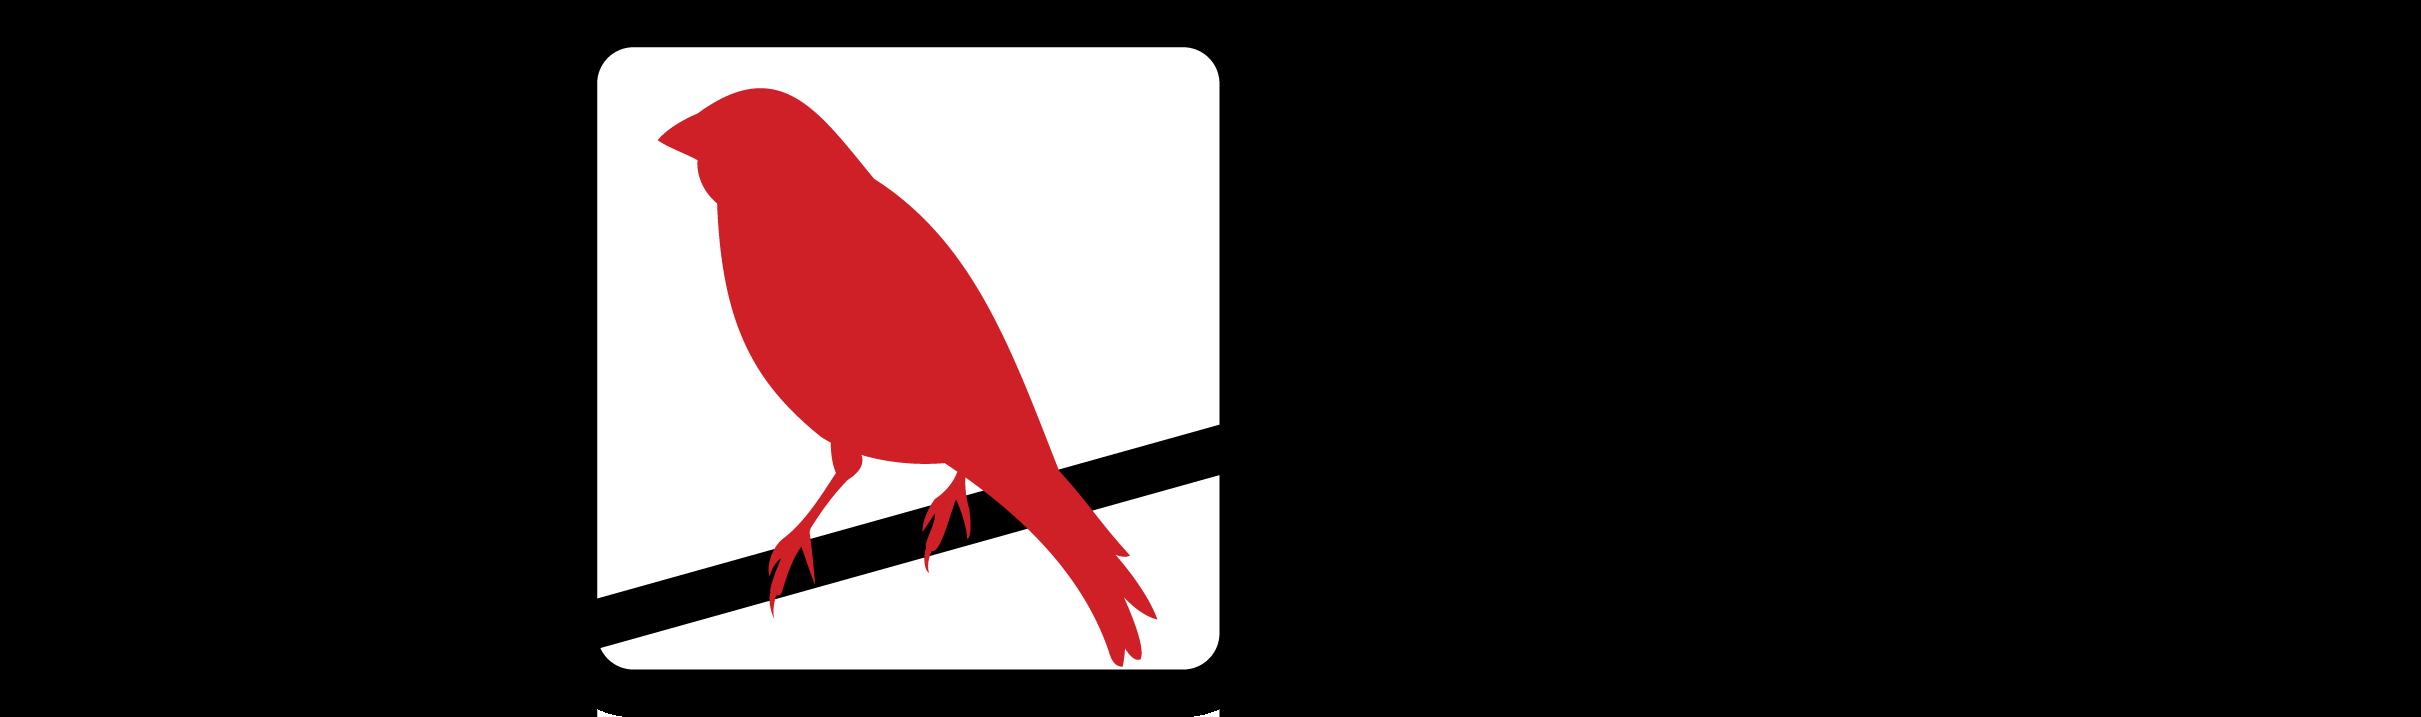 logo_01.png